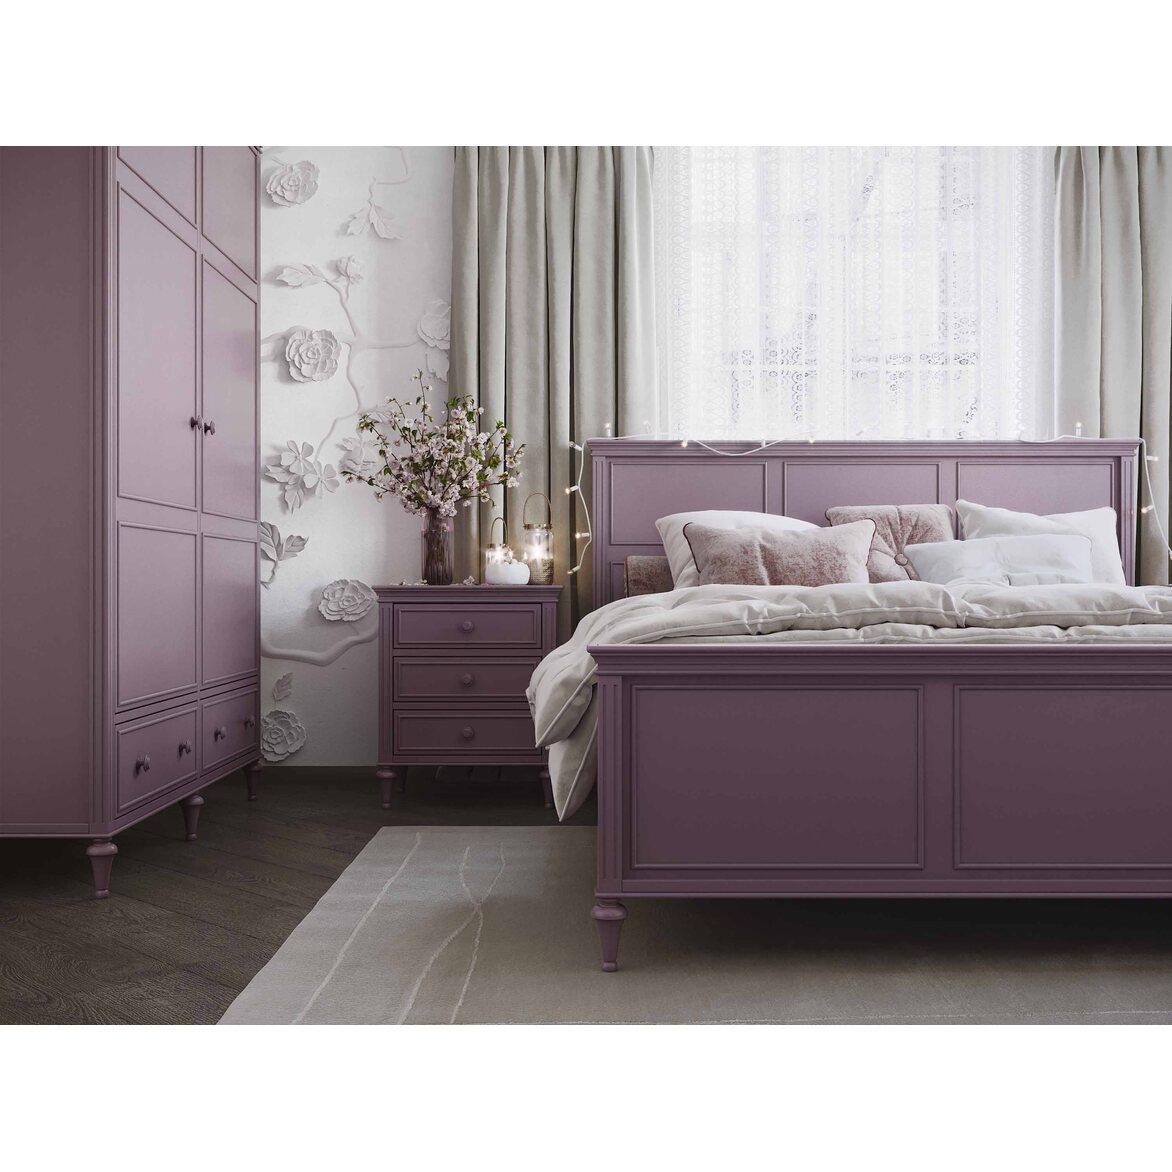 Кровать 160*200 Riverdi, орхидея 5 | Двуспальные кровати Kingsby